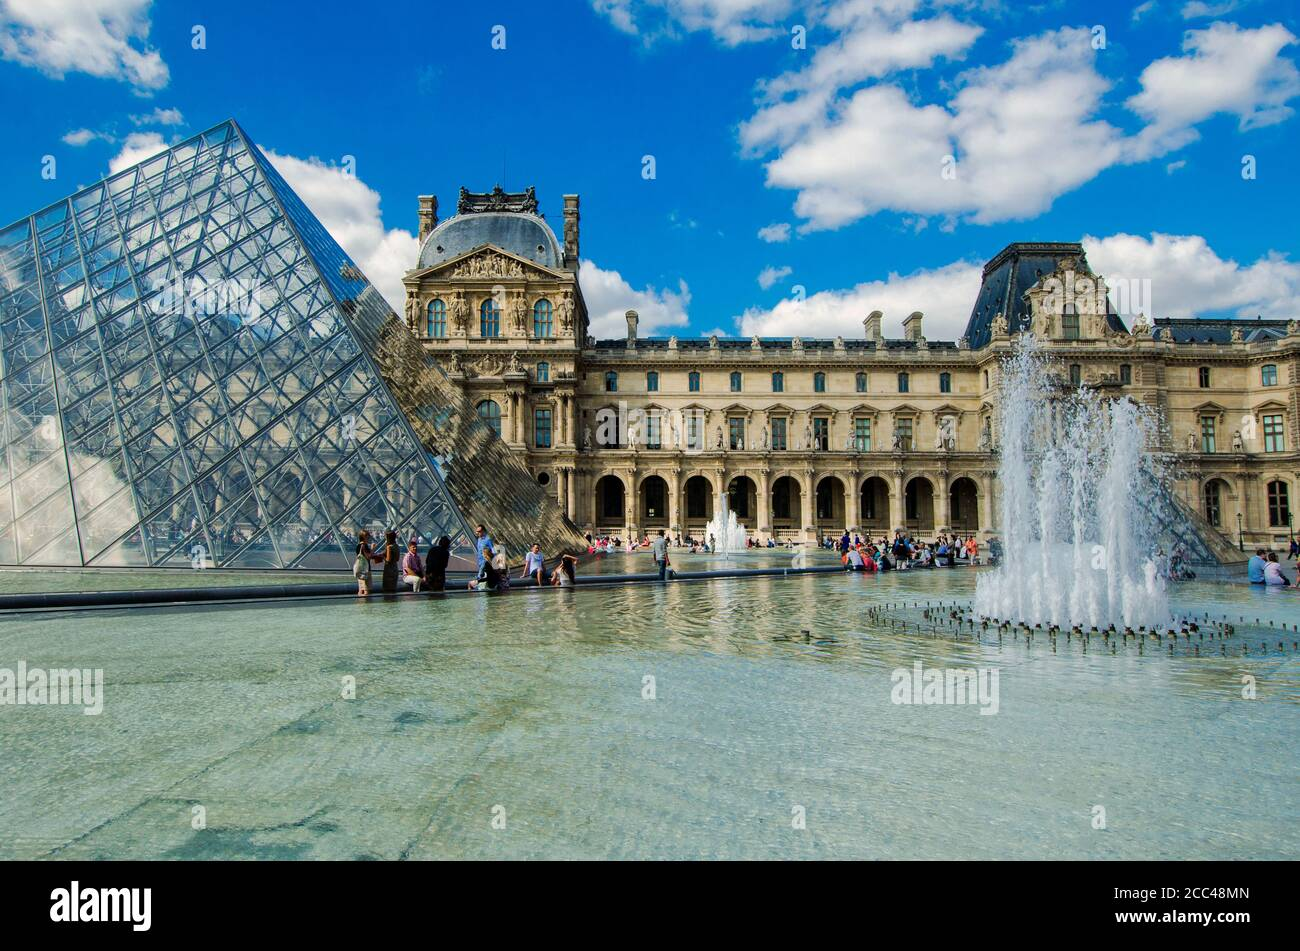 Louvre. Pavillon Richelieu (izquierda) y Pavillon Colbert el Museo del Louvre (francés: Musée du Louvre) es uno de los museos de arte más grandes y populares Foto de stock